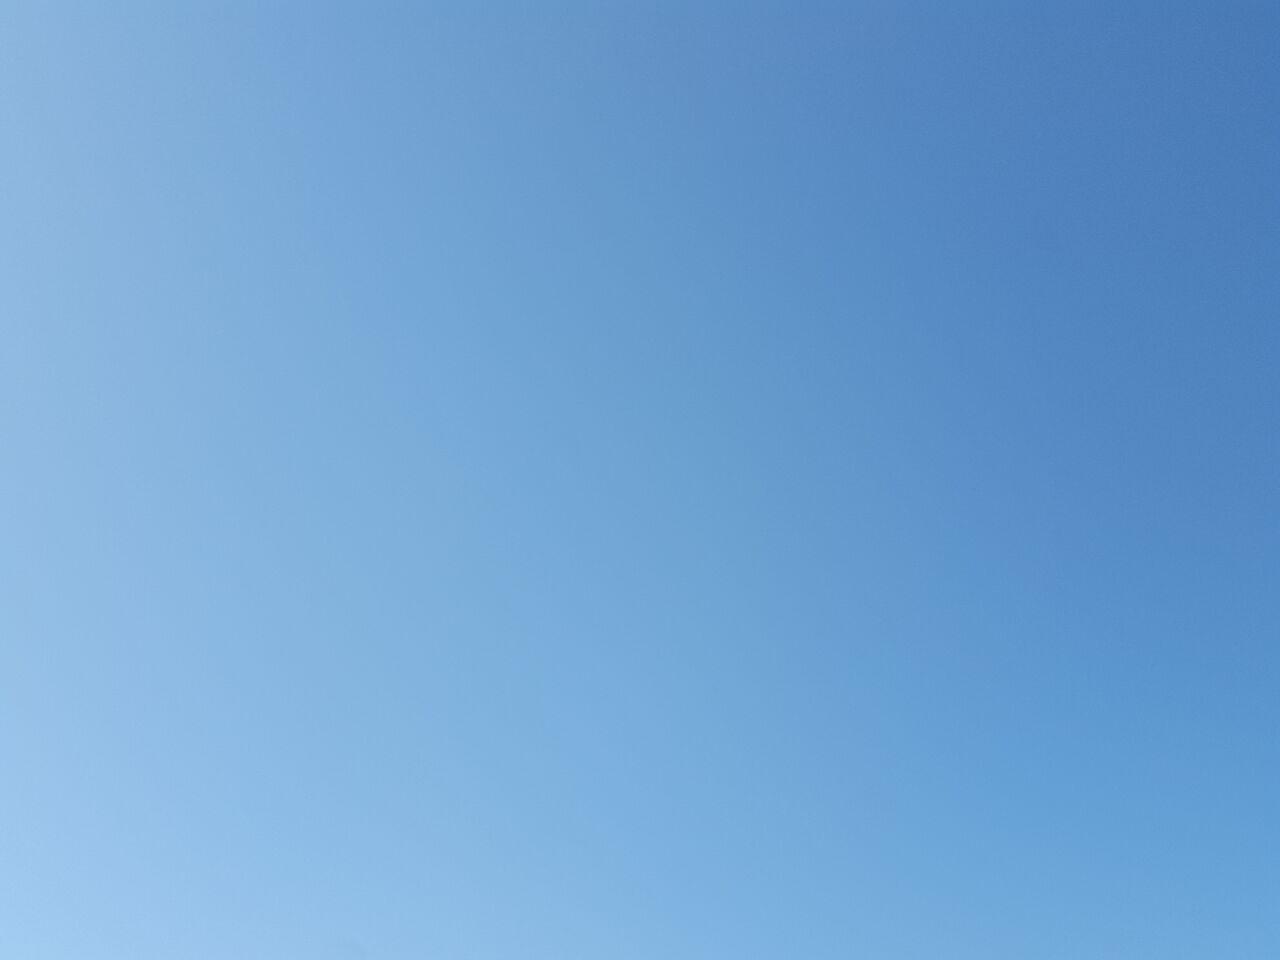 雲ひとつない空の下、満は来し日々をあれやこれやと考えた